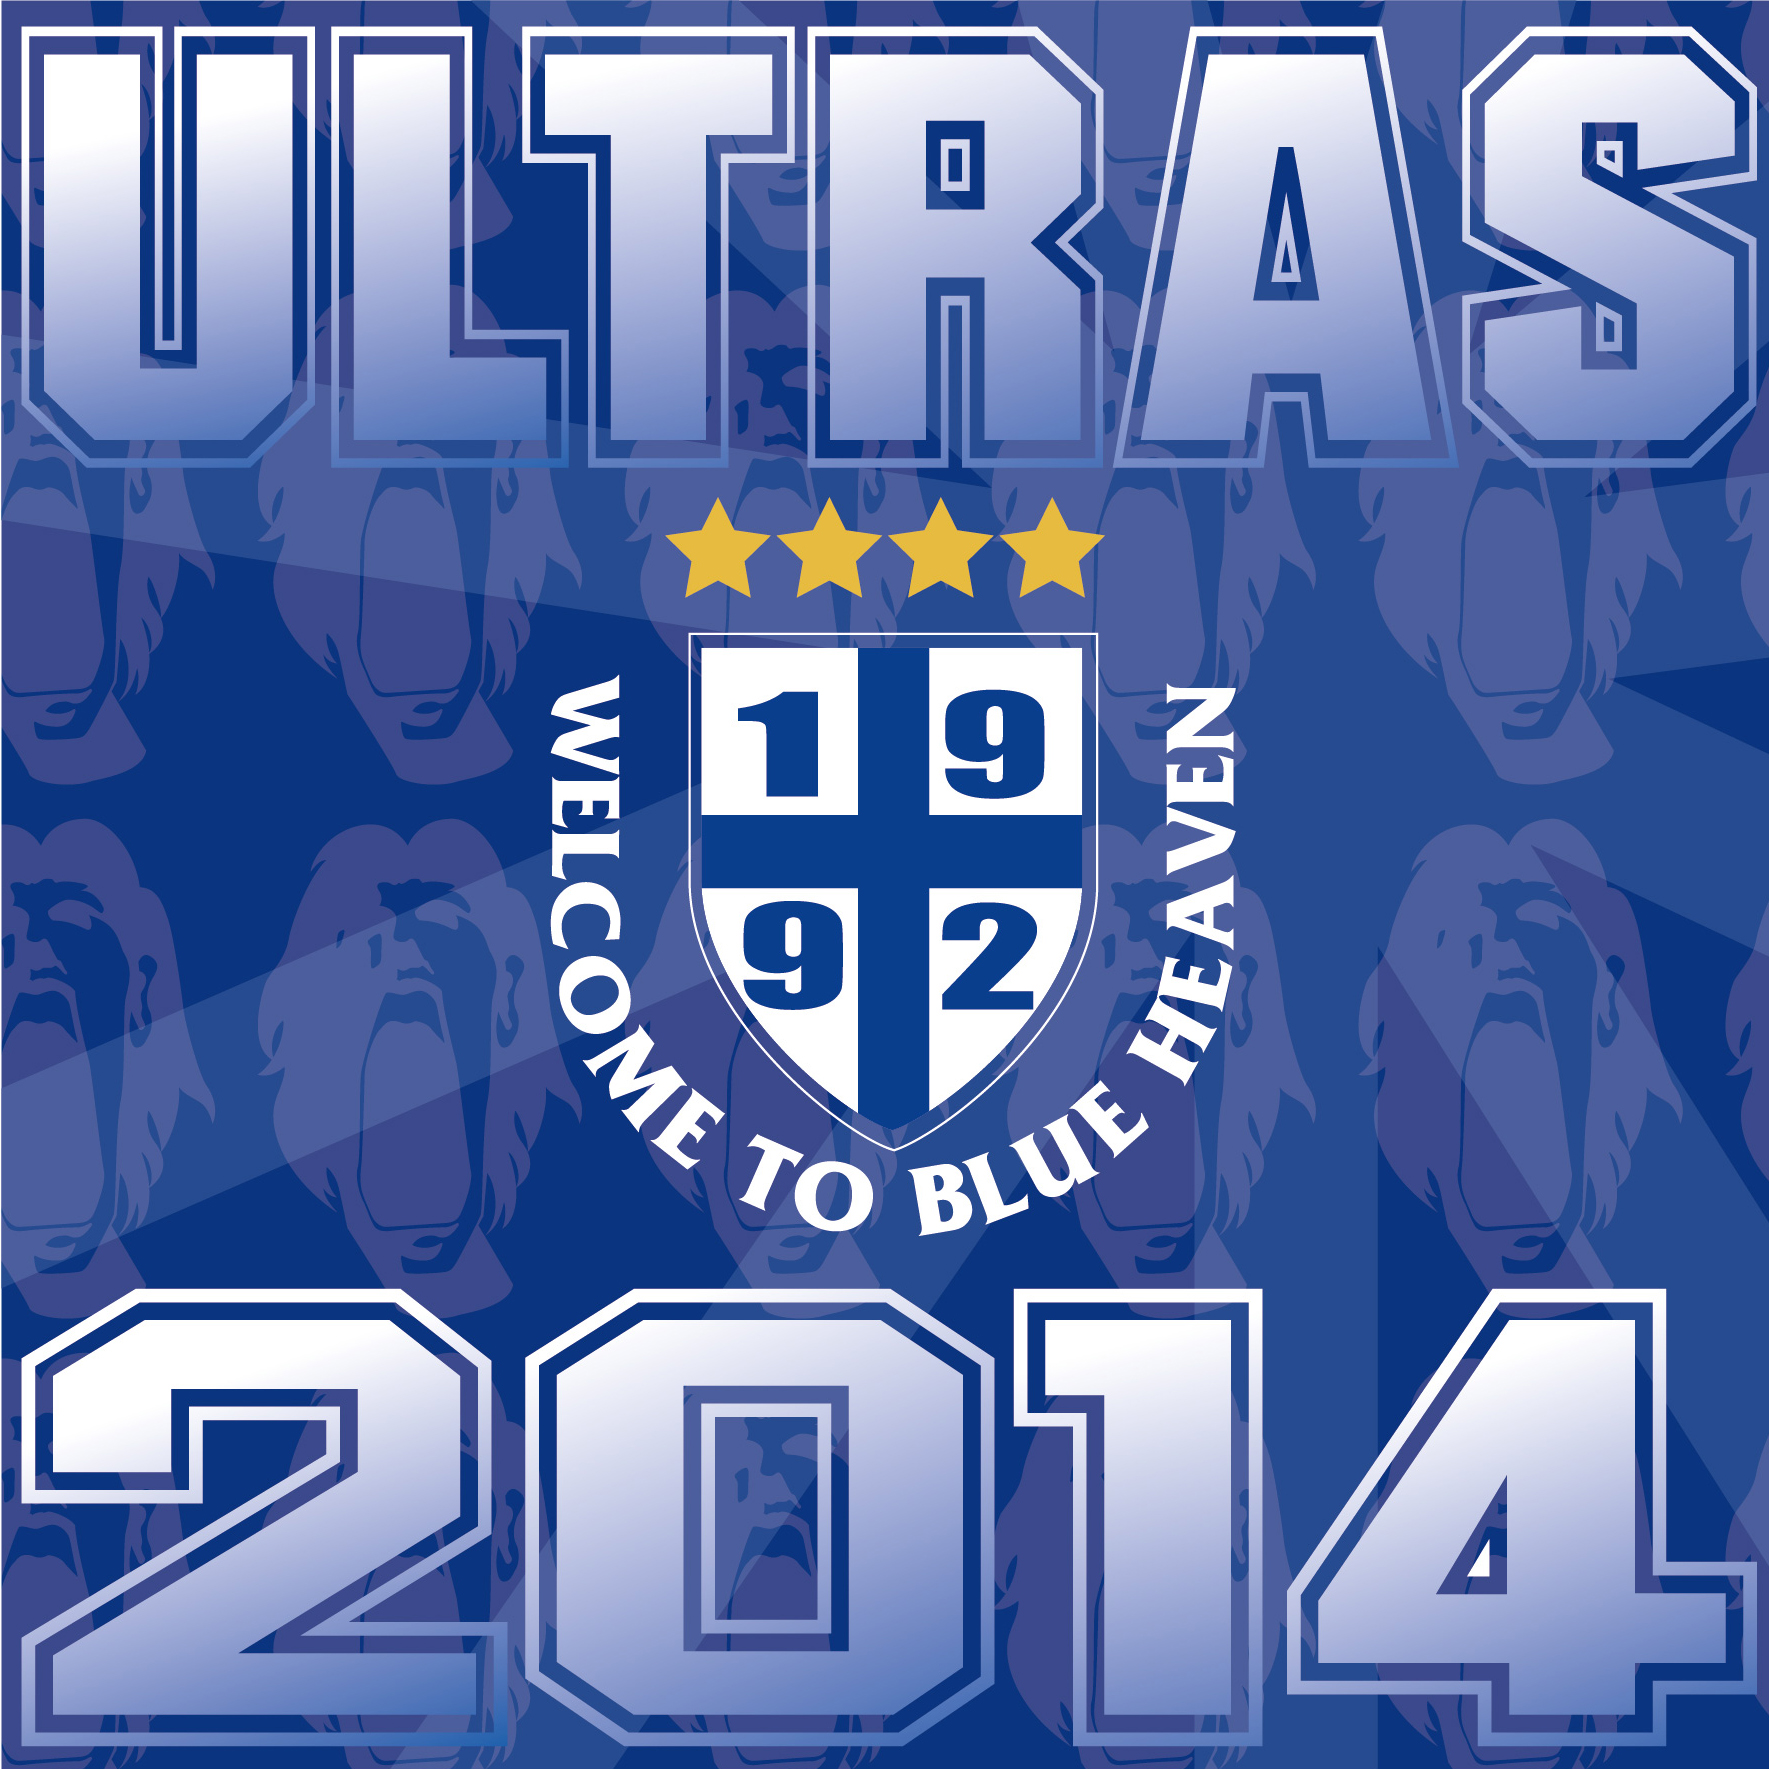 アルバム『ULTRAS 2014』